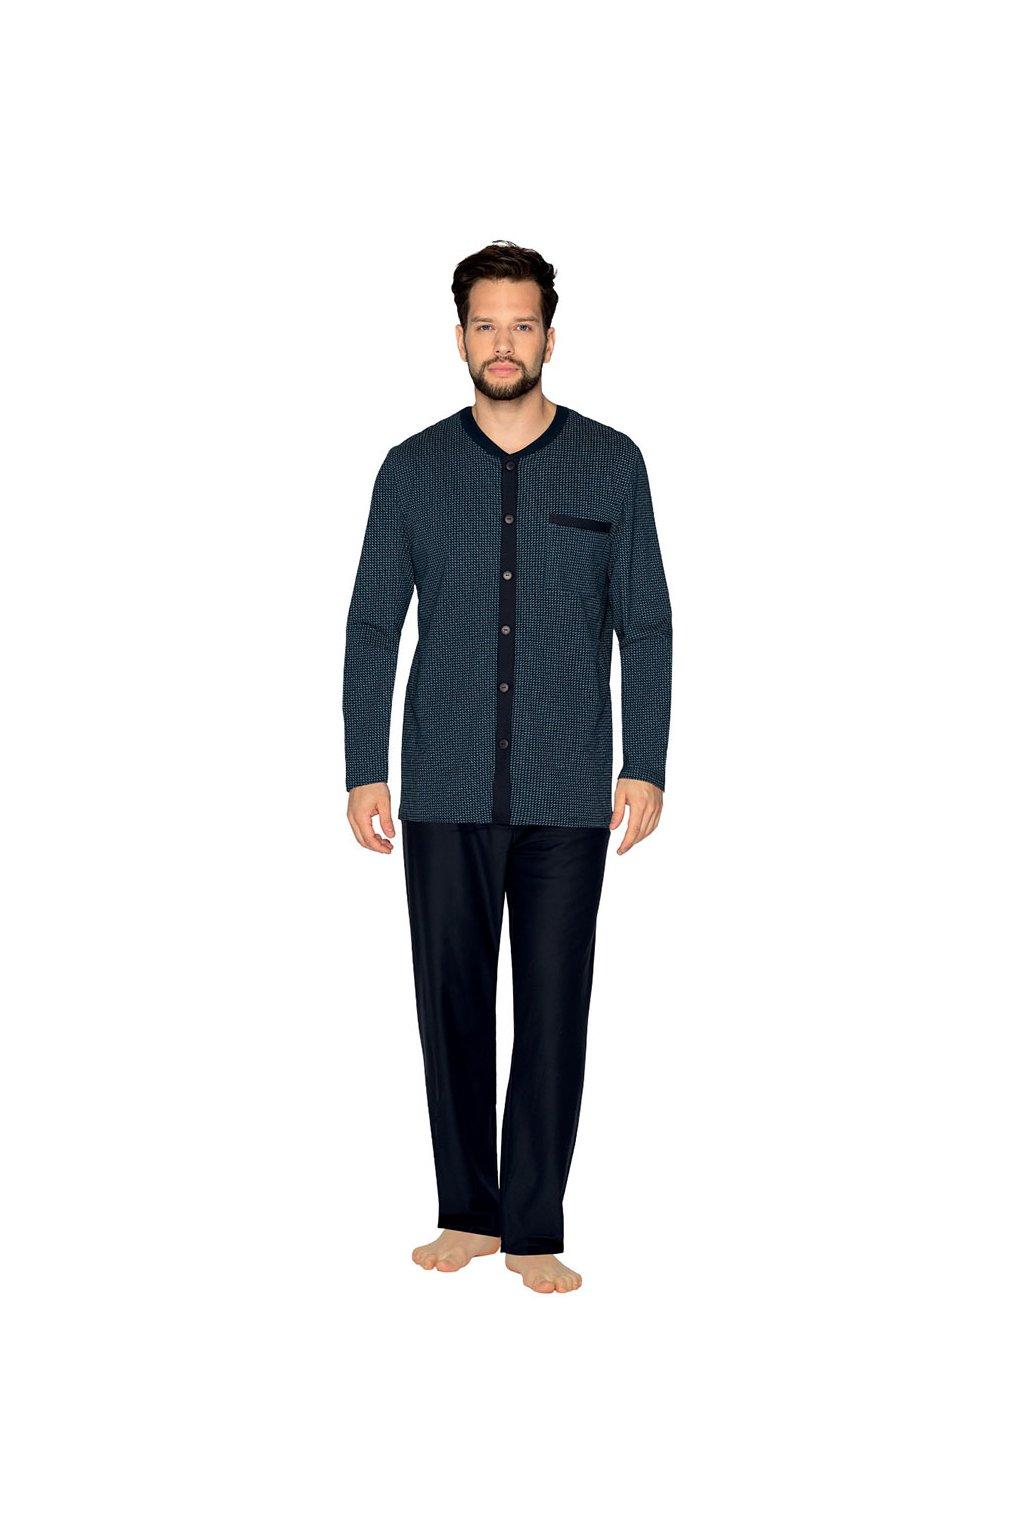 Pánské pyžamo s dlouhým rukávem, 20431 101, tmavě modrá